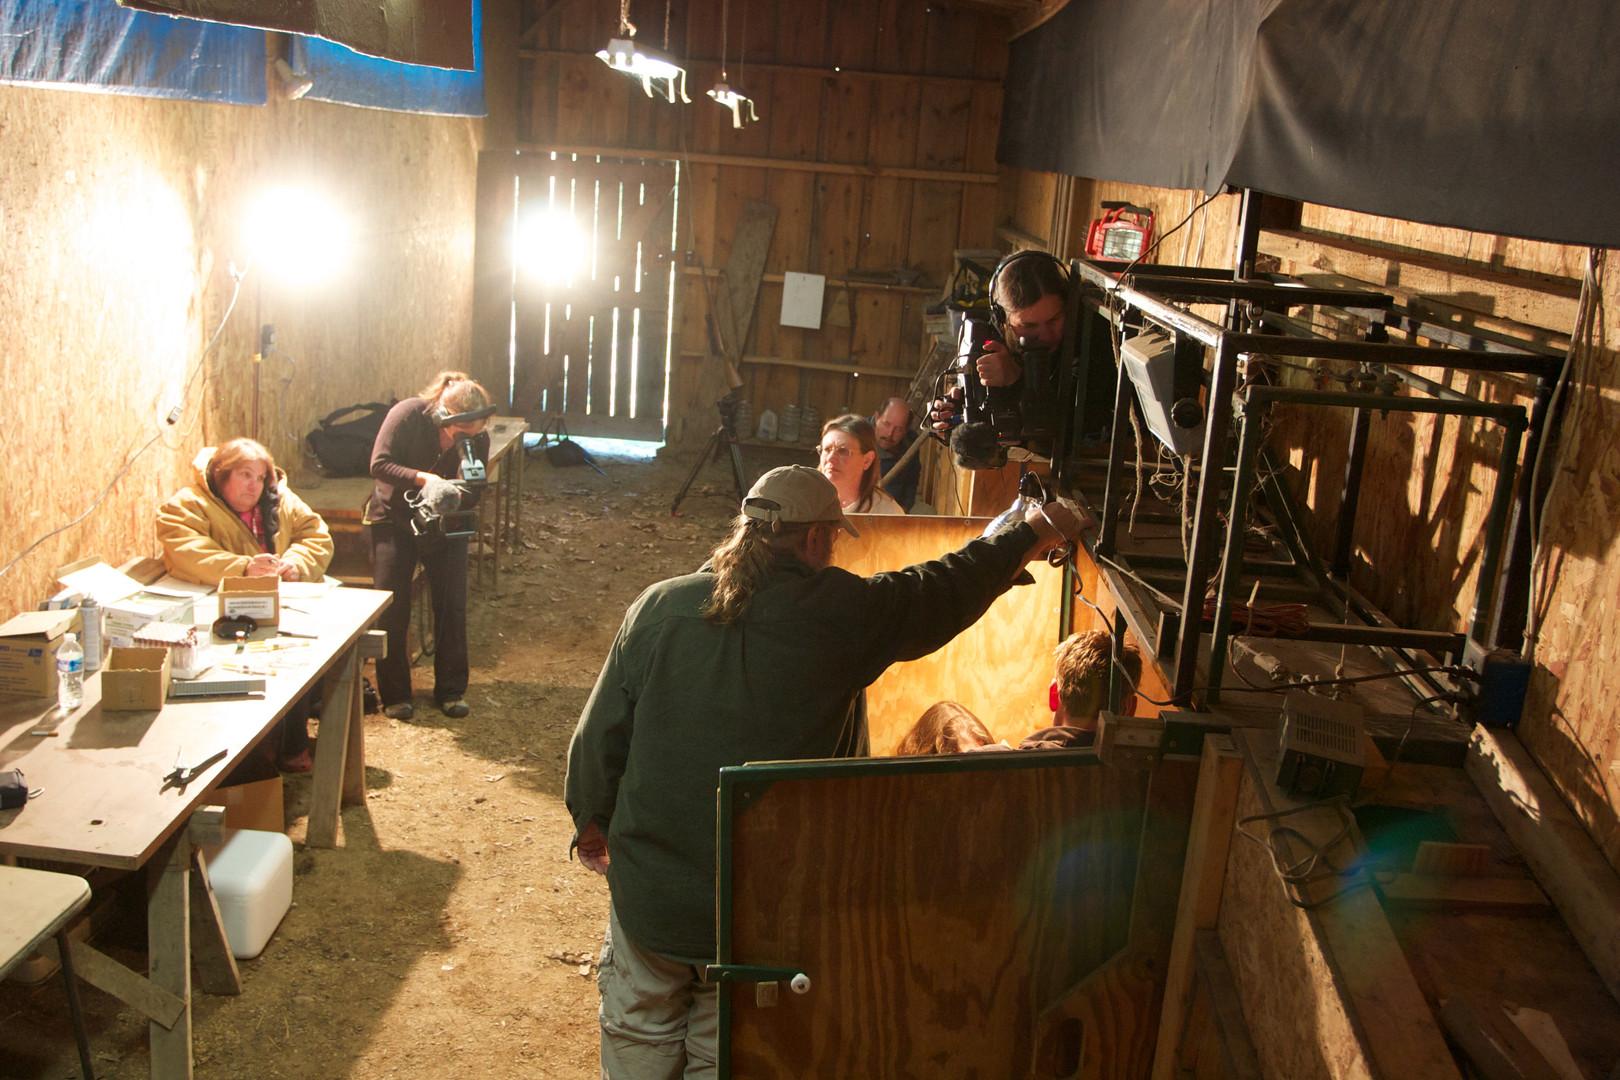 Birgit Buhleier and Kathy film deer disease testing in barn